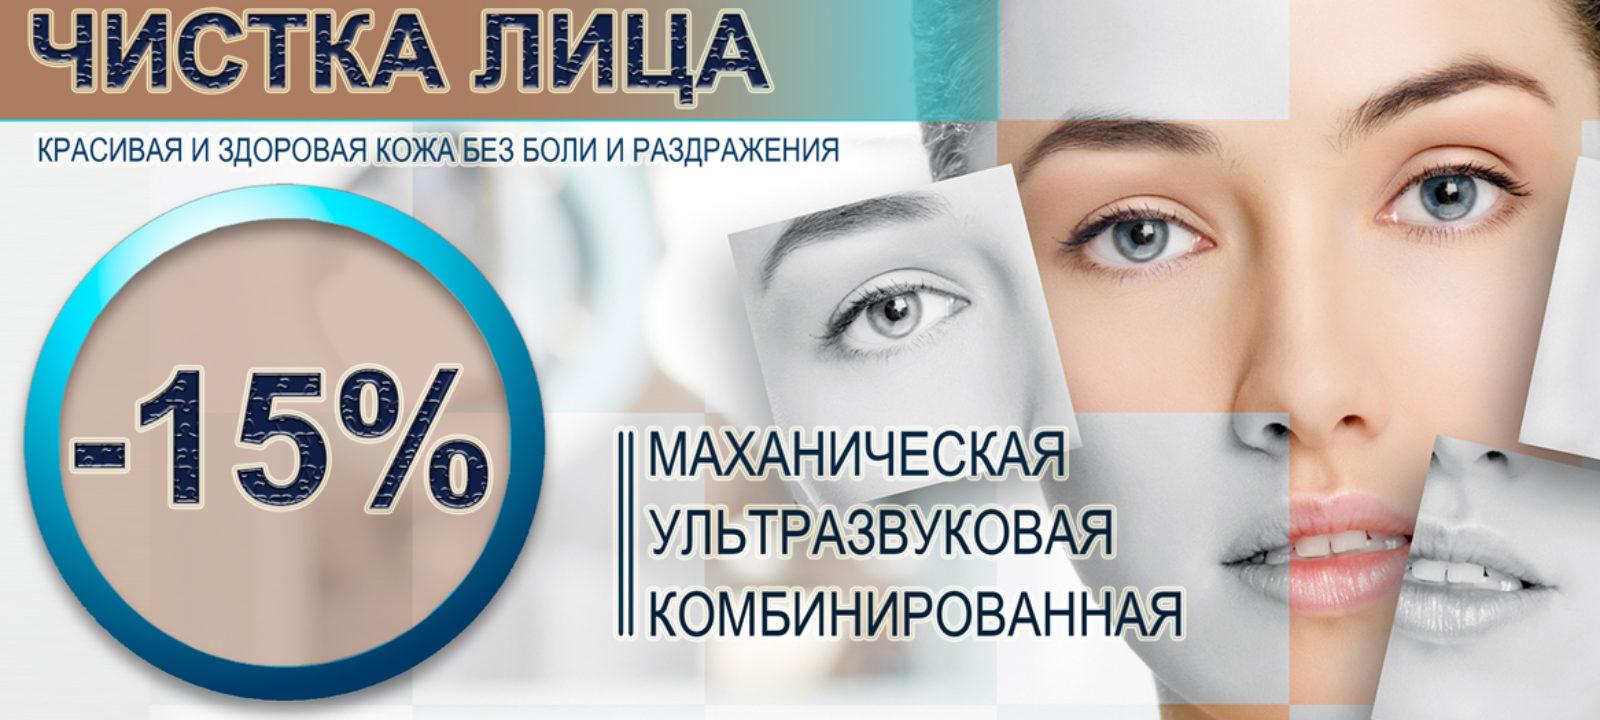 Чистка лица в Санкт-Петербурге